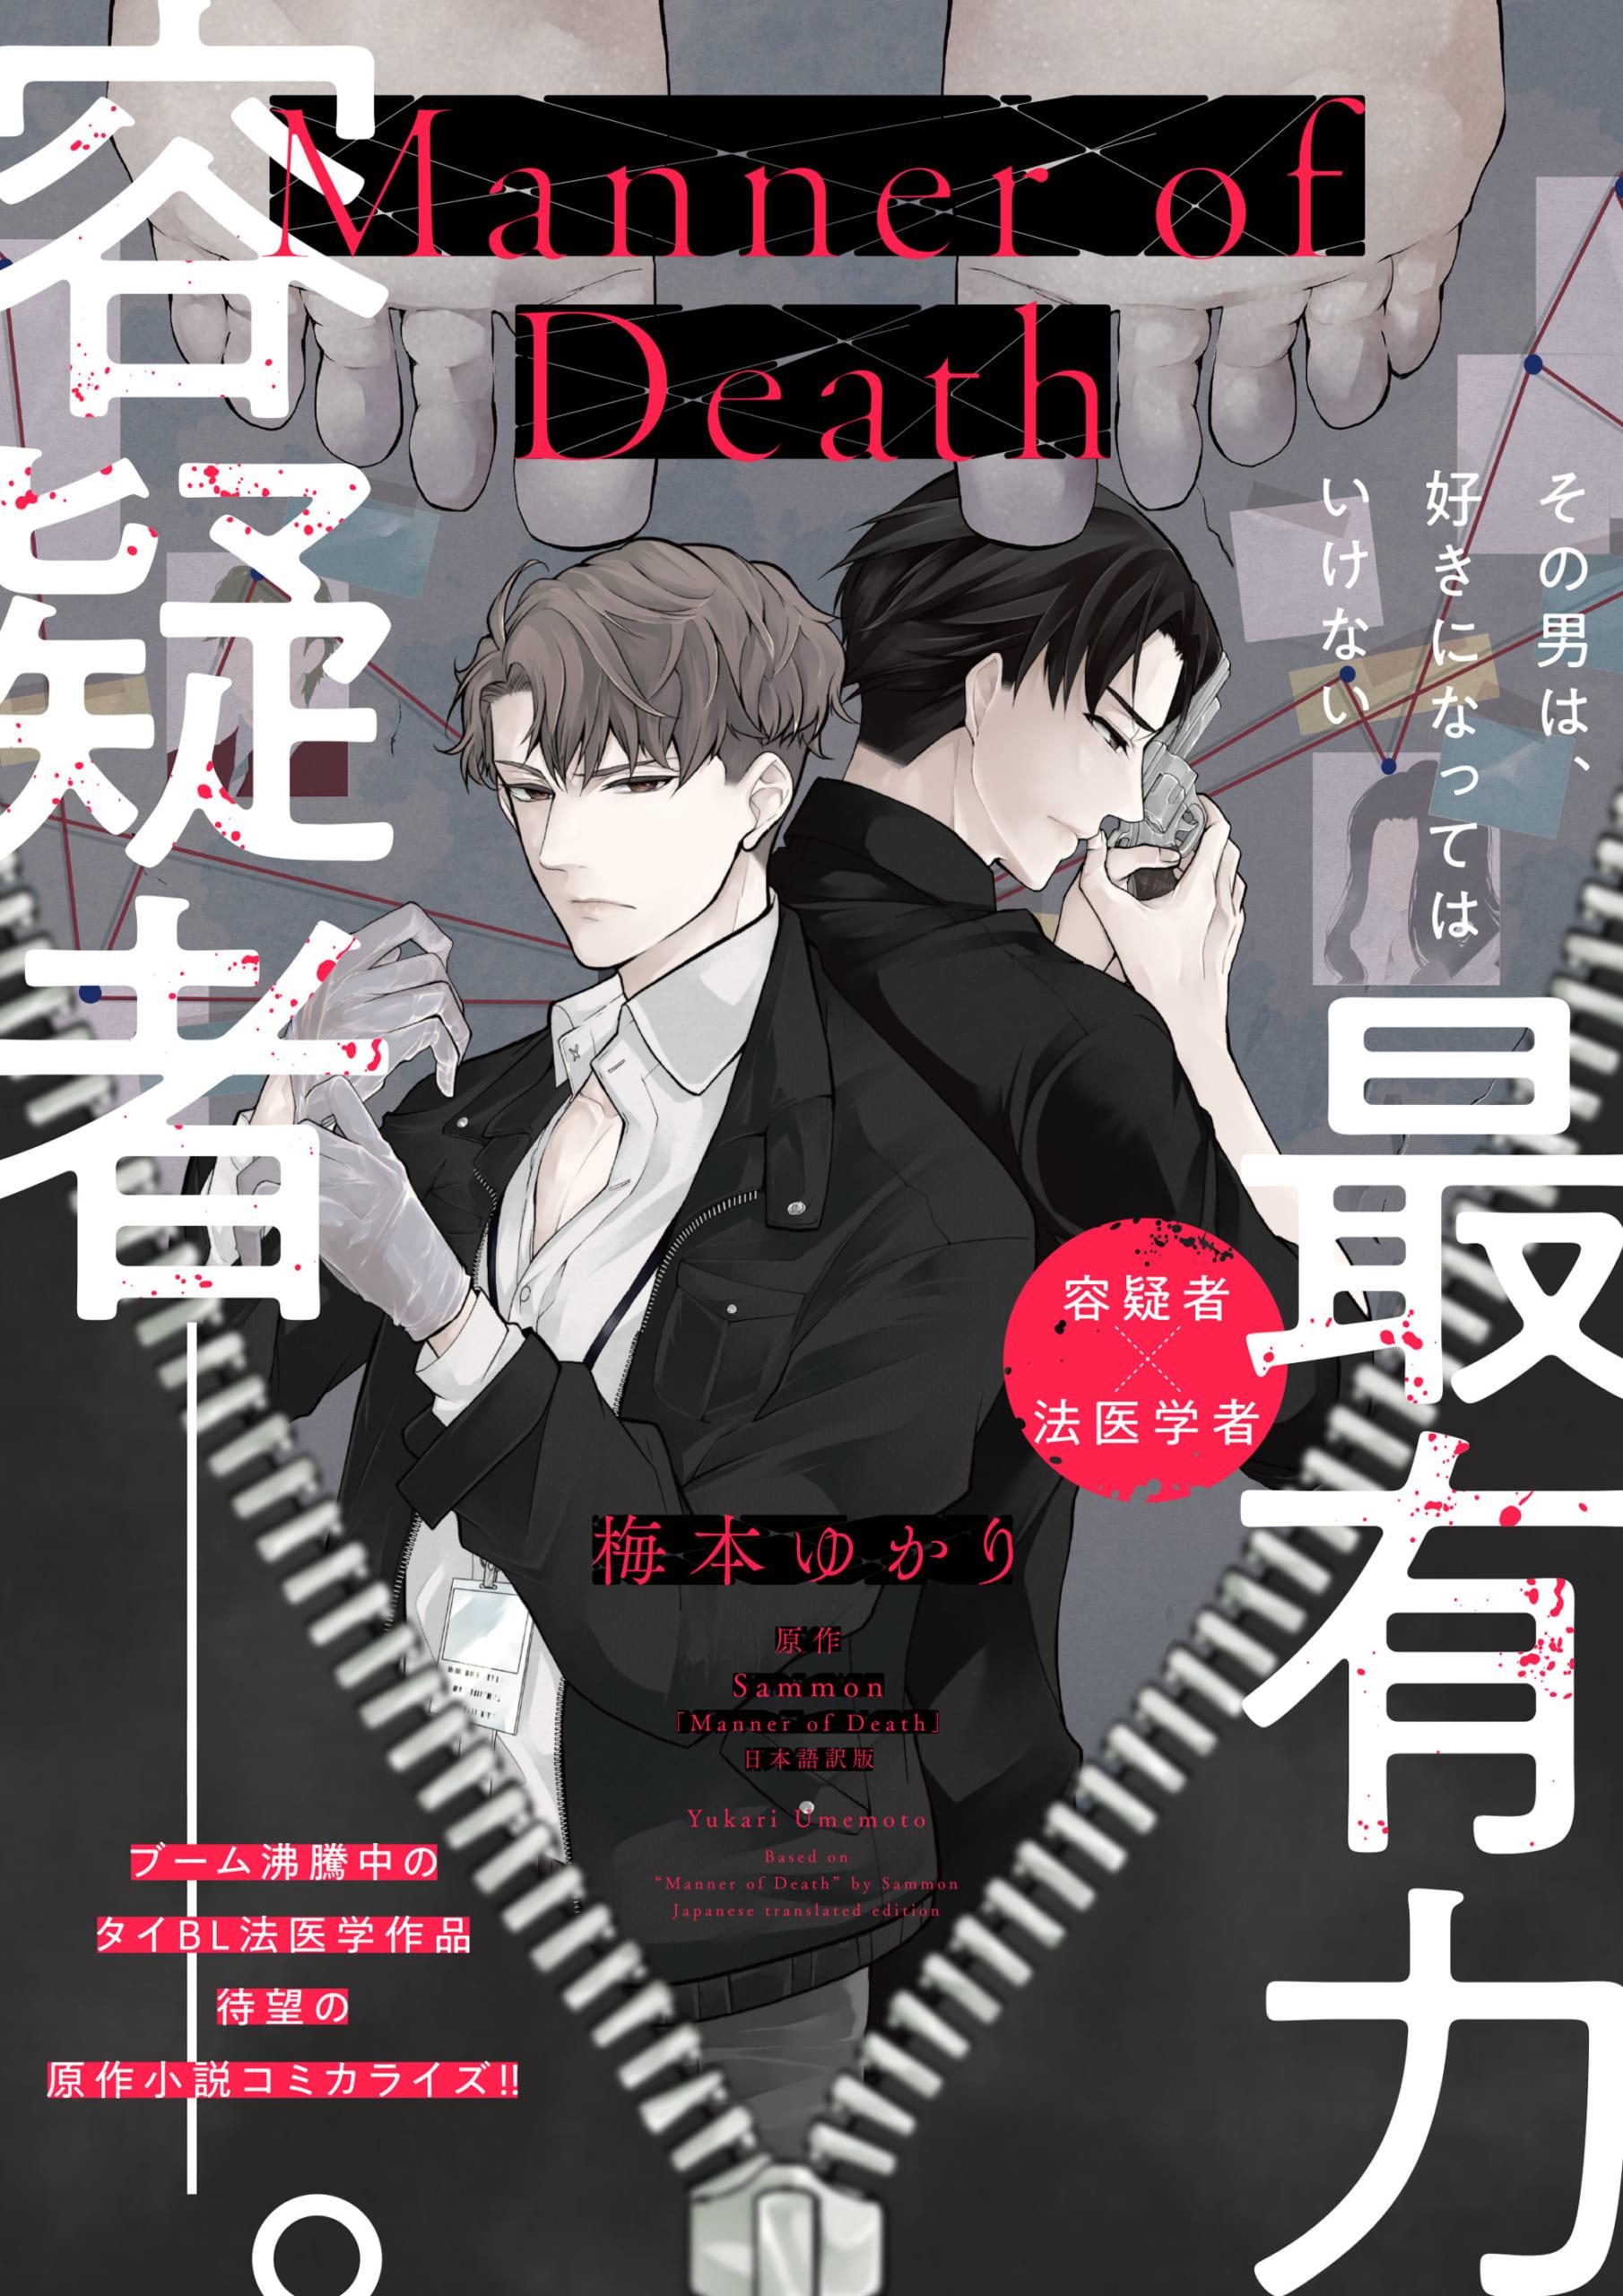 話題の法医学タイBLドラマ「Manner of Death」コミカライズ版登場!その男は好きになってはいけない、最有力容疑者